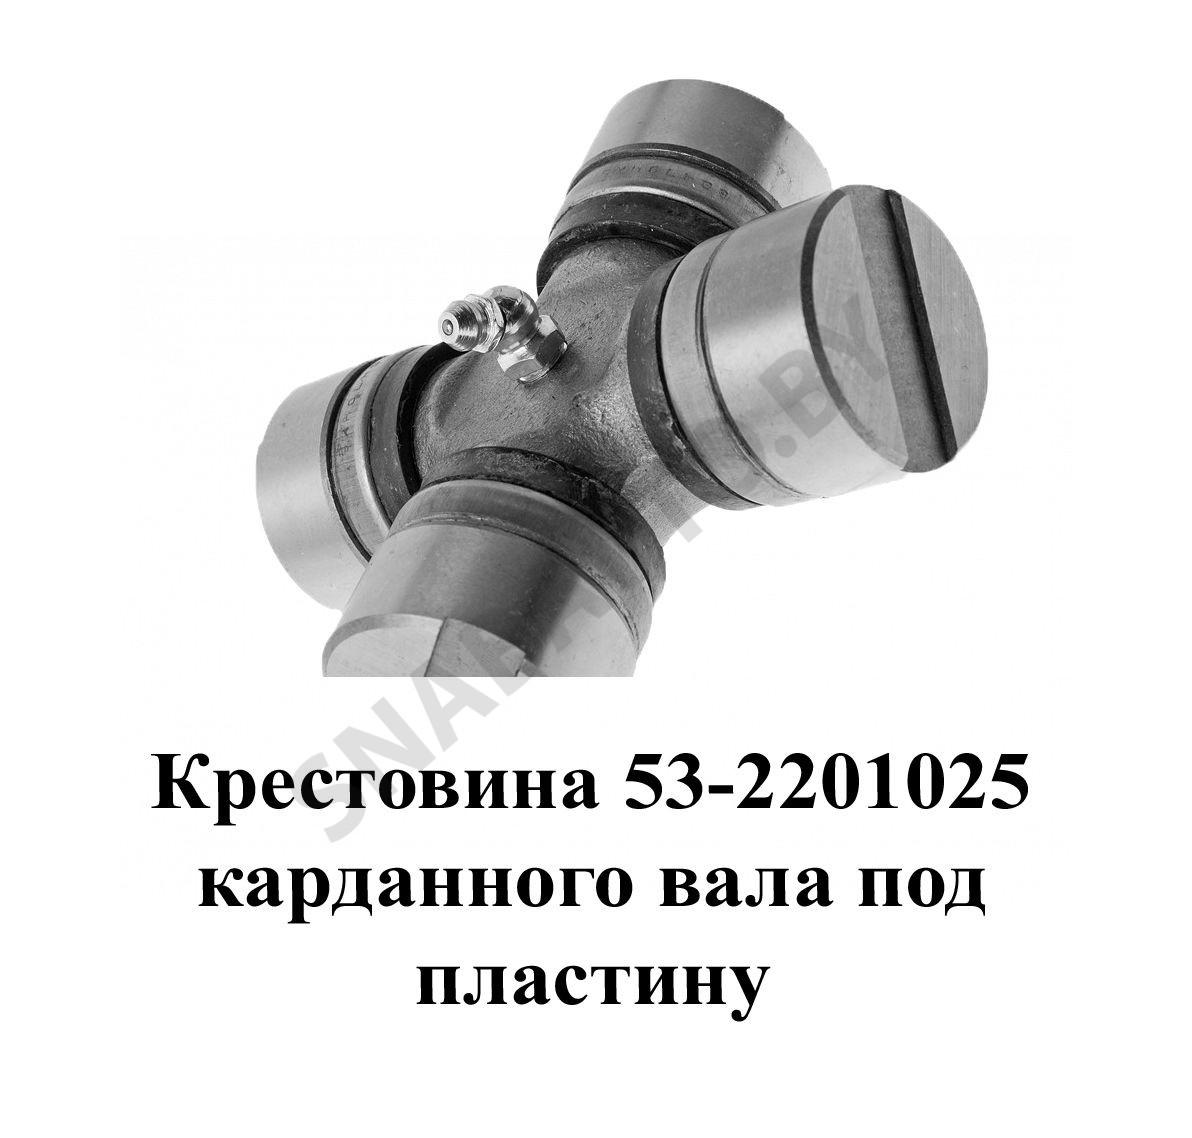 Крестовина карданного вала под стопорное кольцо